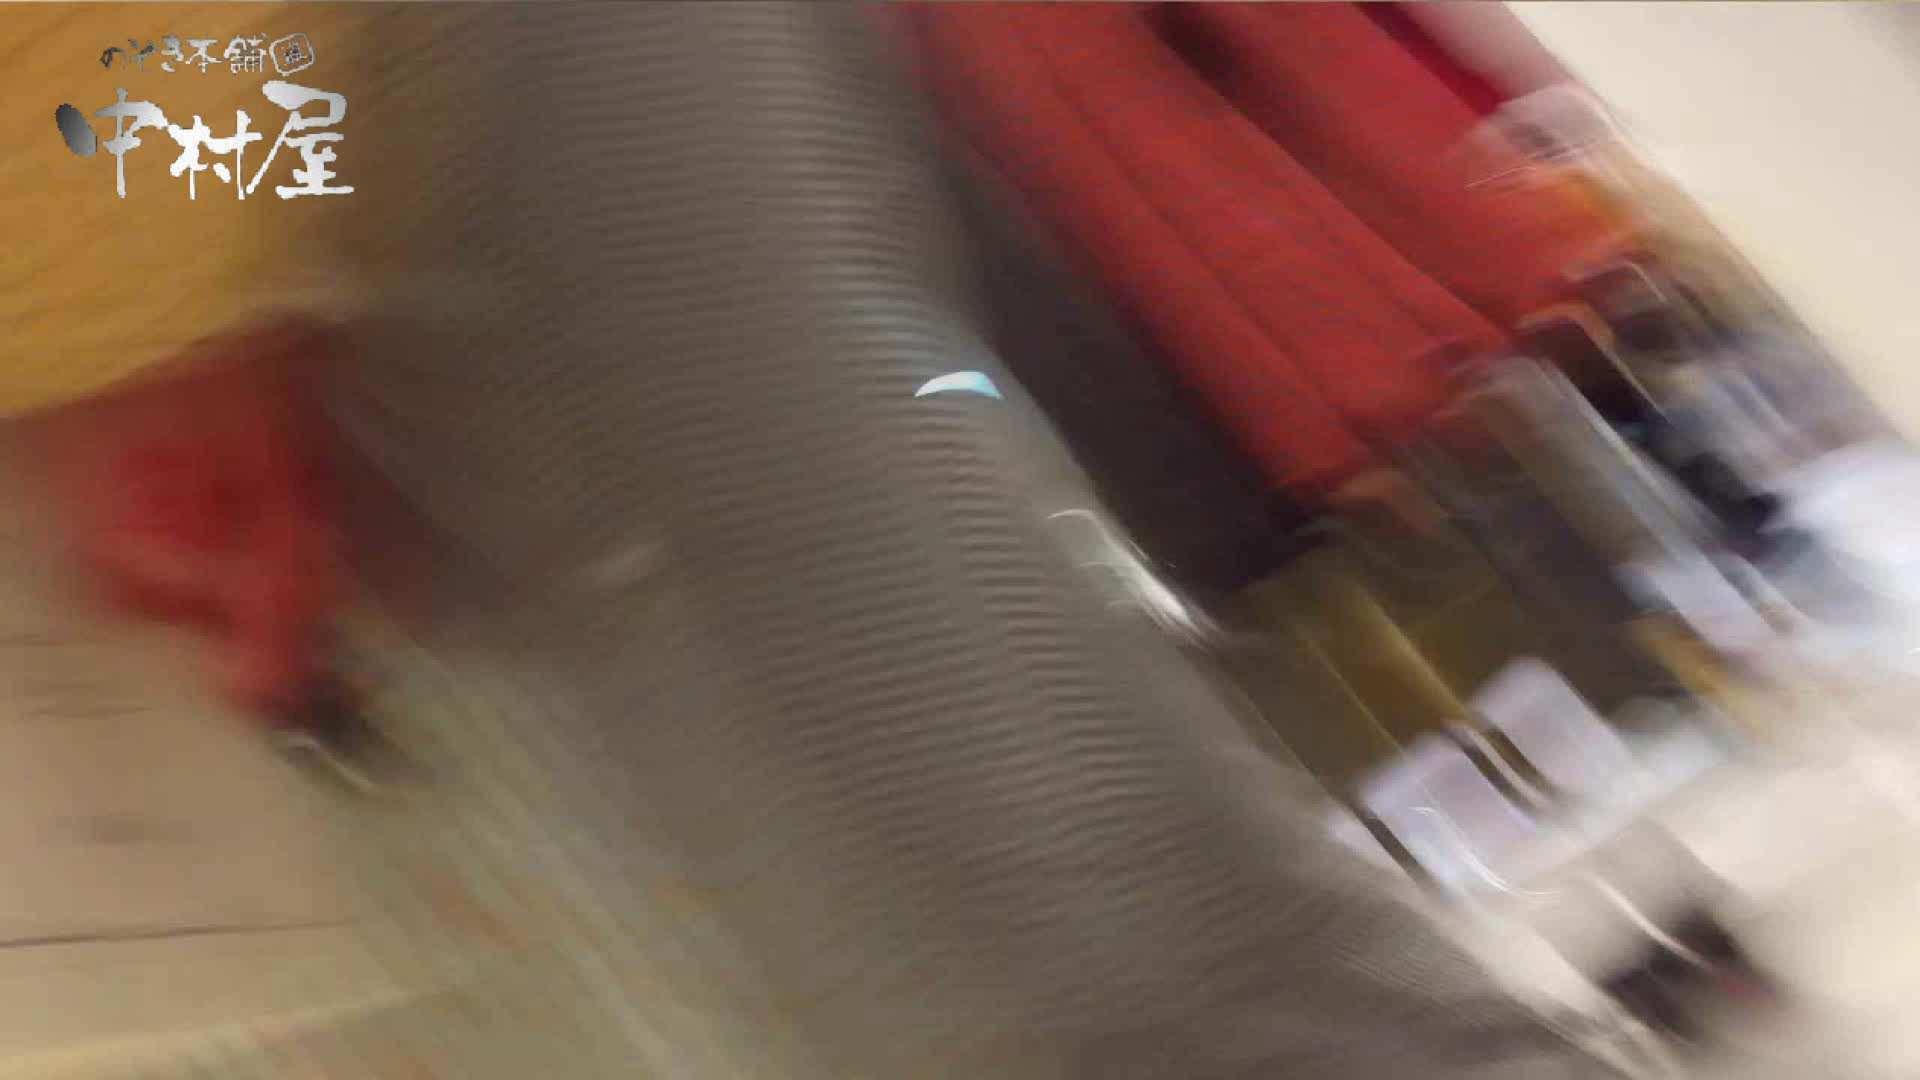 vol.65 美人アパレル胸チラ&パンチラ ムッチリ感がいい感じ花がらパンツさん チラ | 胸チラ  95PIX 85